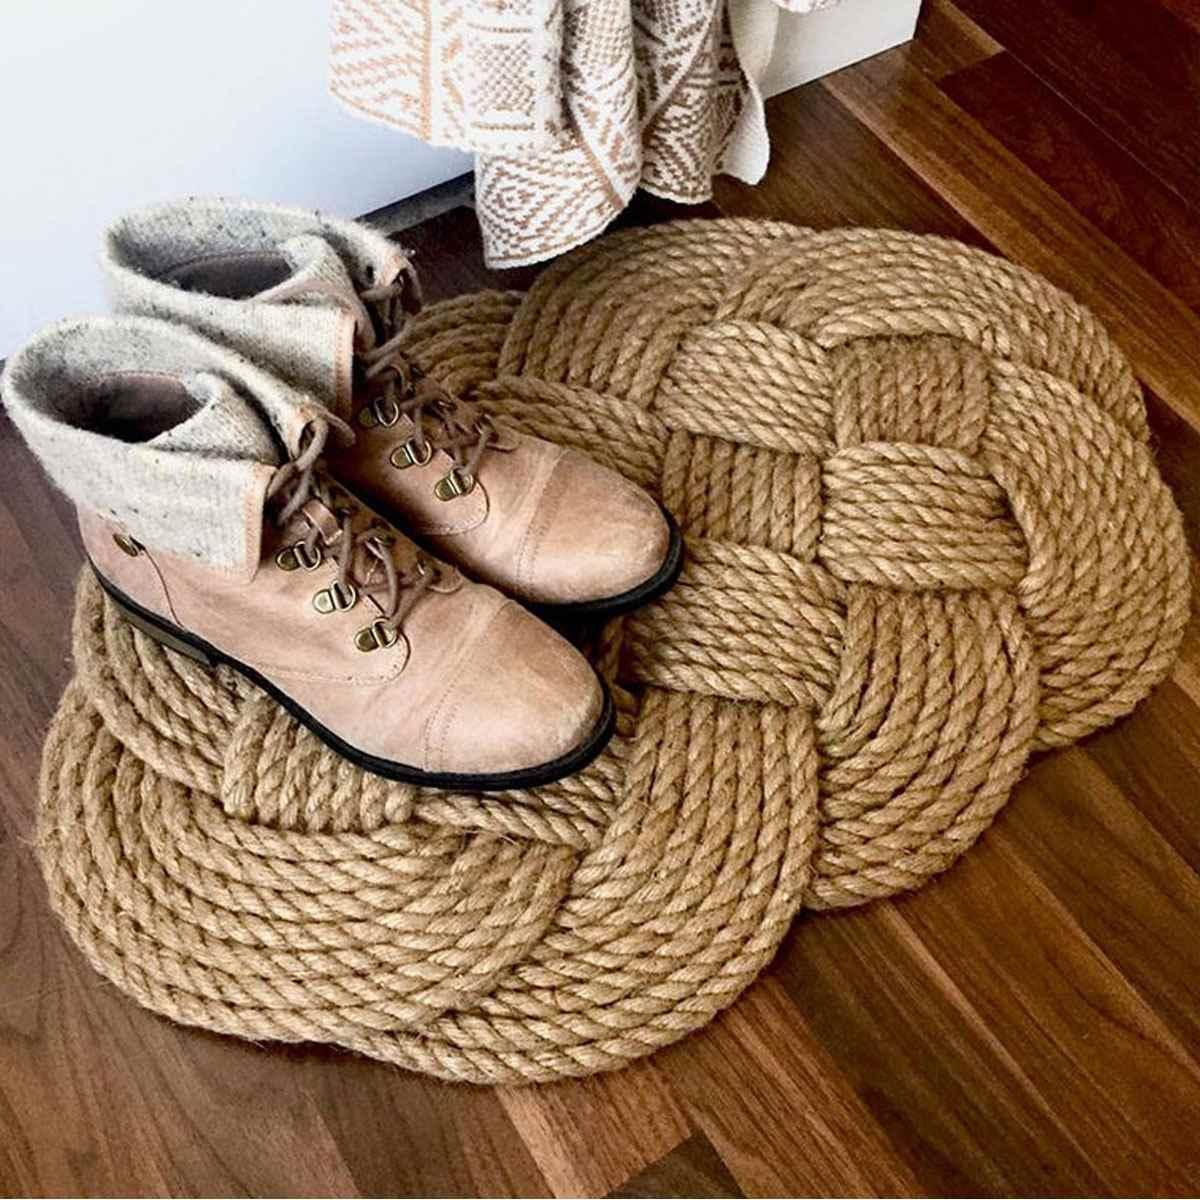 Kiwarm 20mm 1-50 m juta corda corda corda corda de cânhamo natural diy decoração gato pet riscando decking